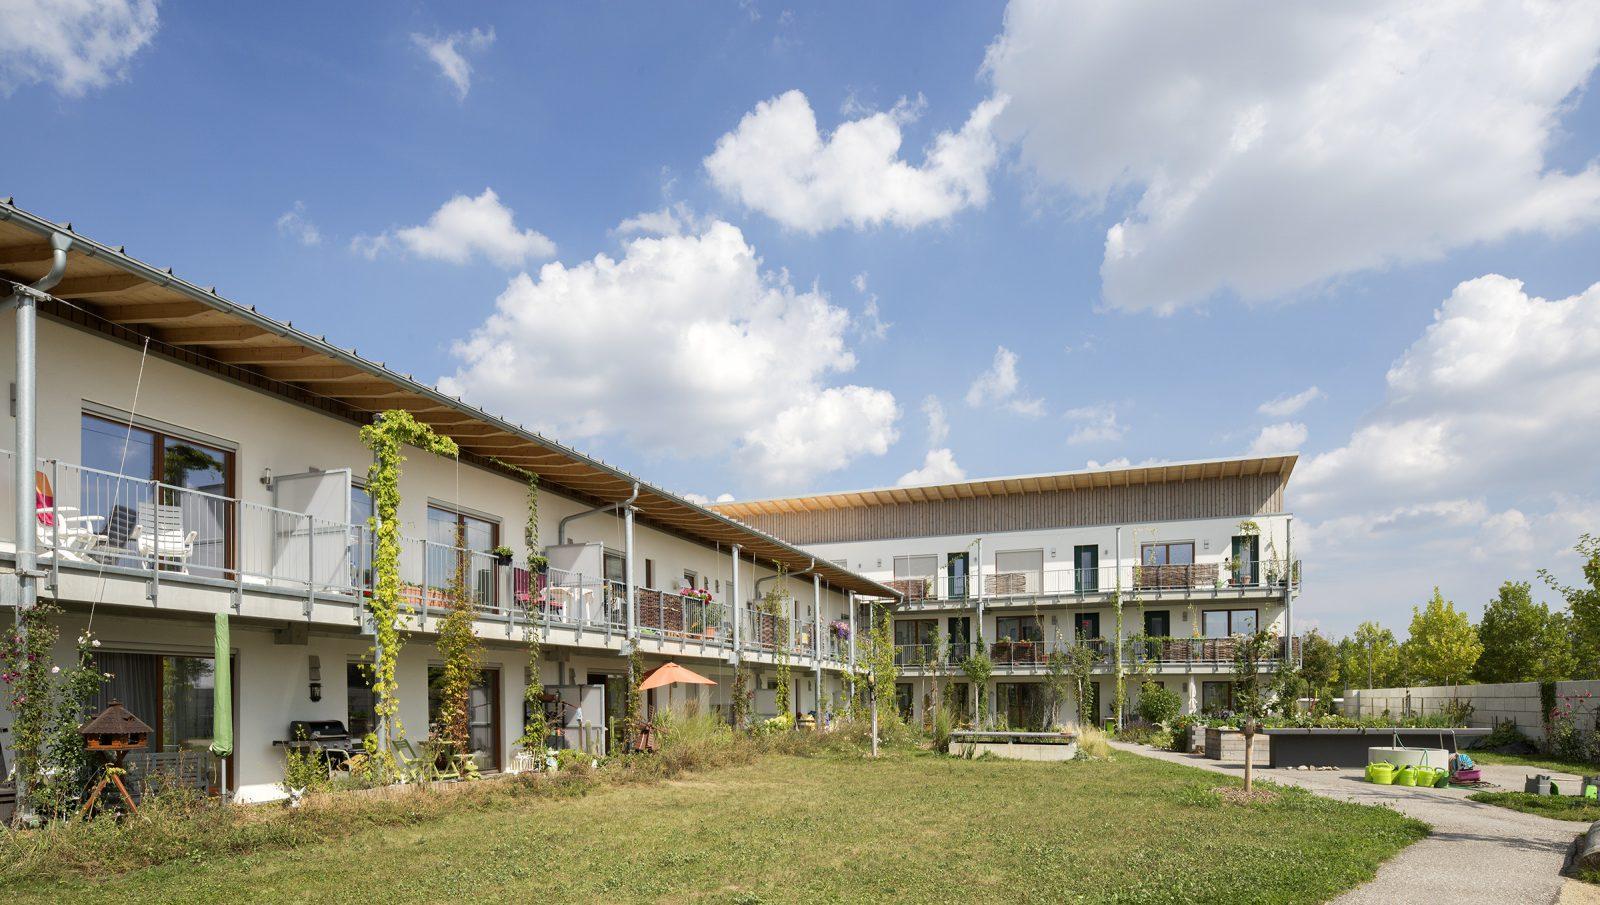 haus mit zukunft 35 wohneinheiten in burgweinting nabau eg regensburg. Black Bedroom Furniture Sets. Home Design Ideas